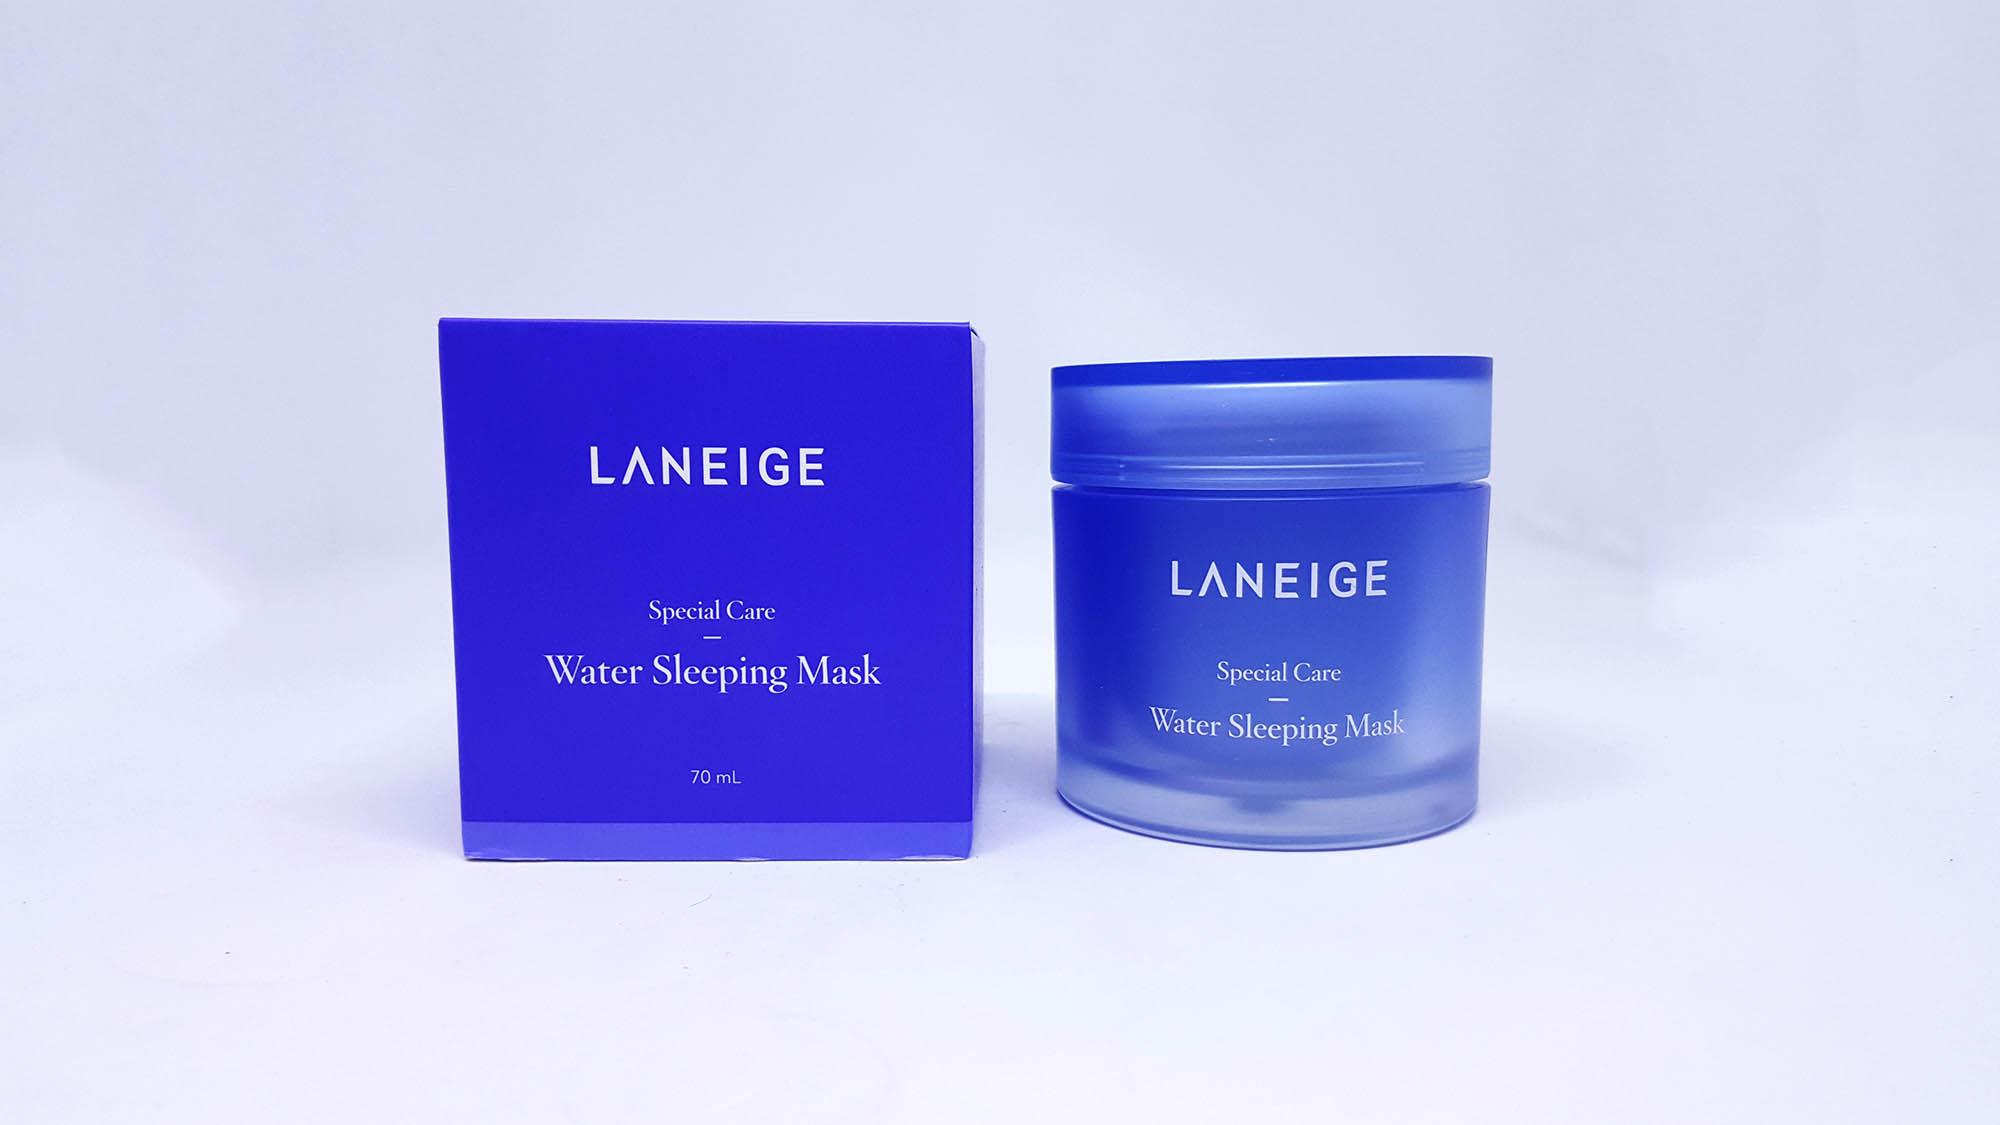 Kết quả hình ảnh cho Laneige water Sleeping Mask 5g